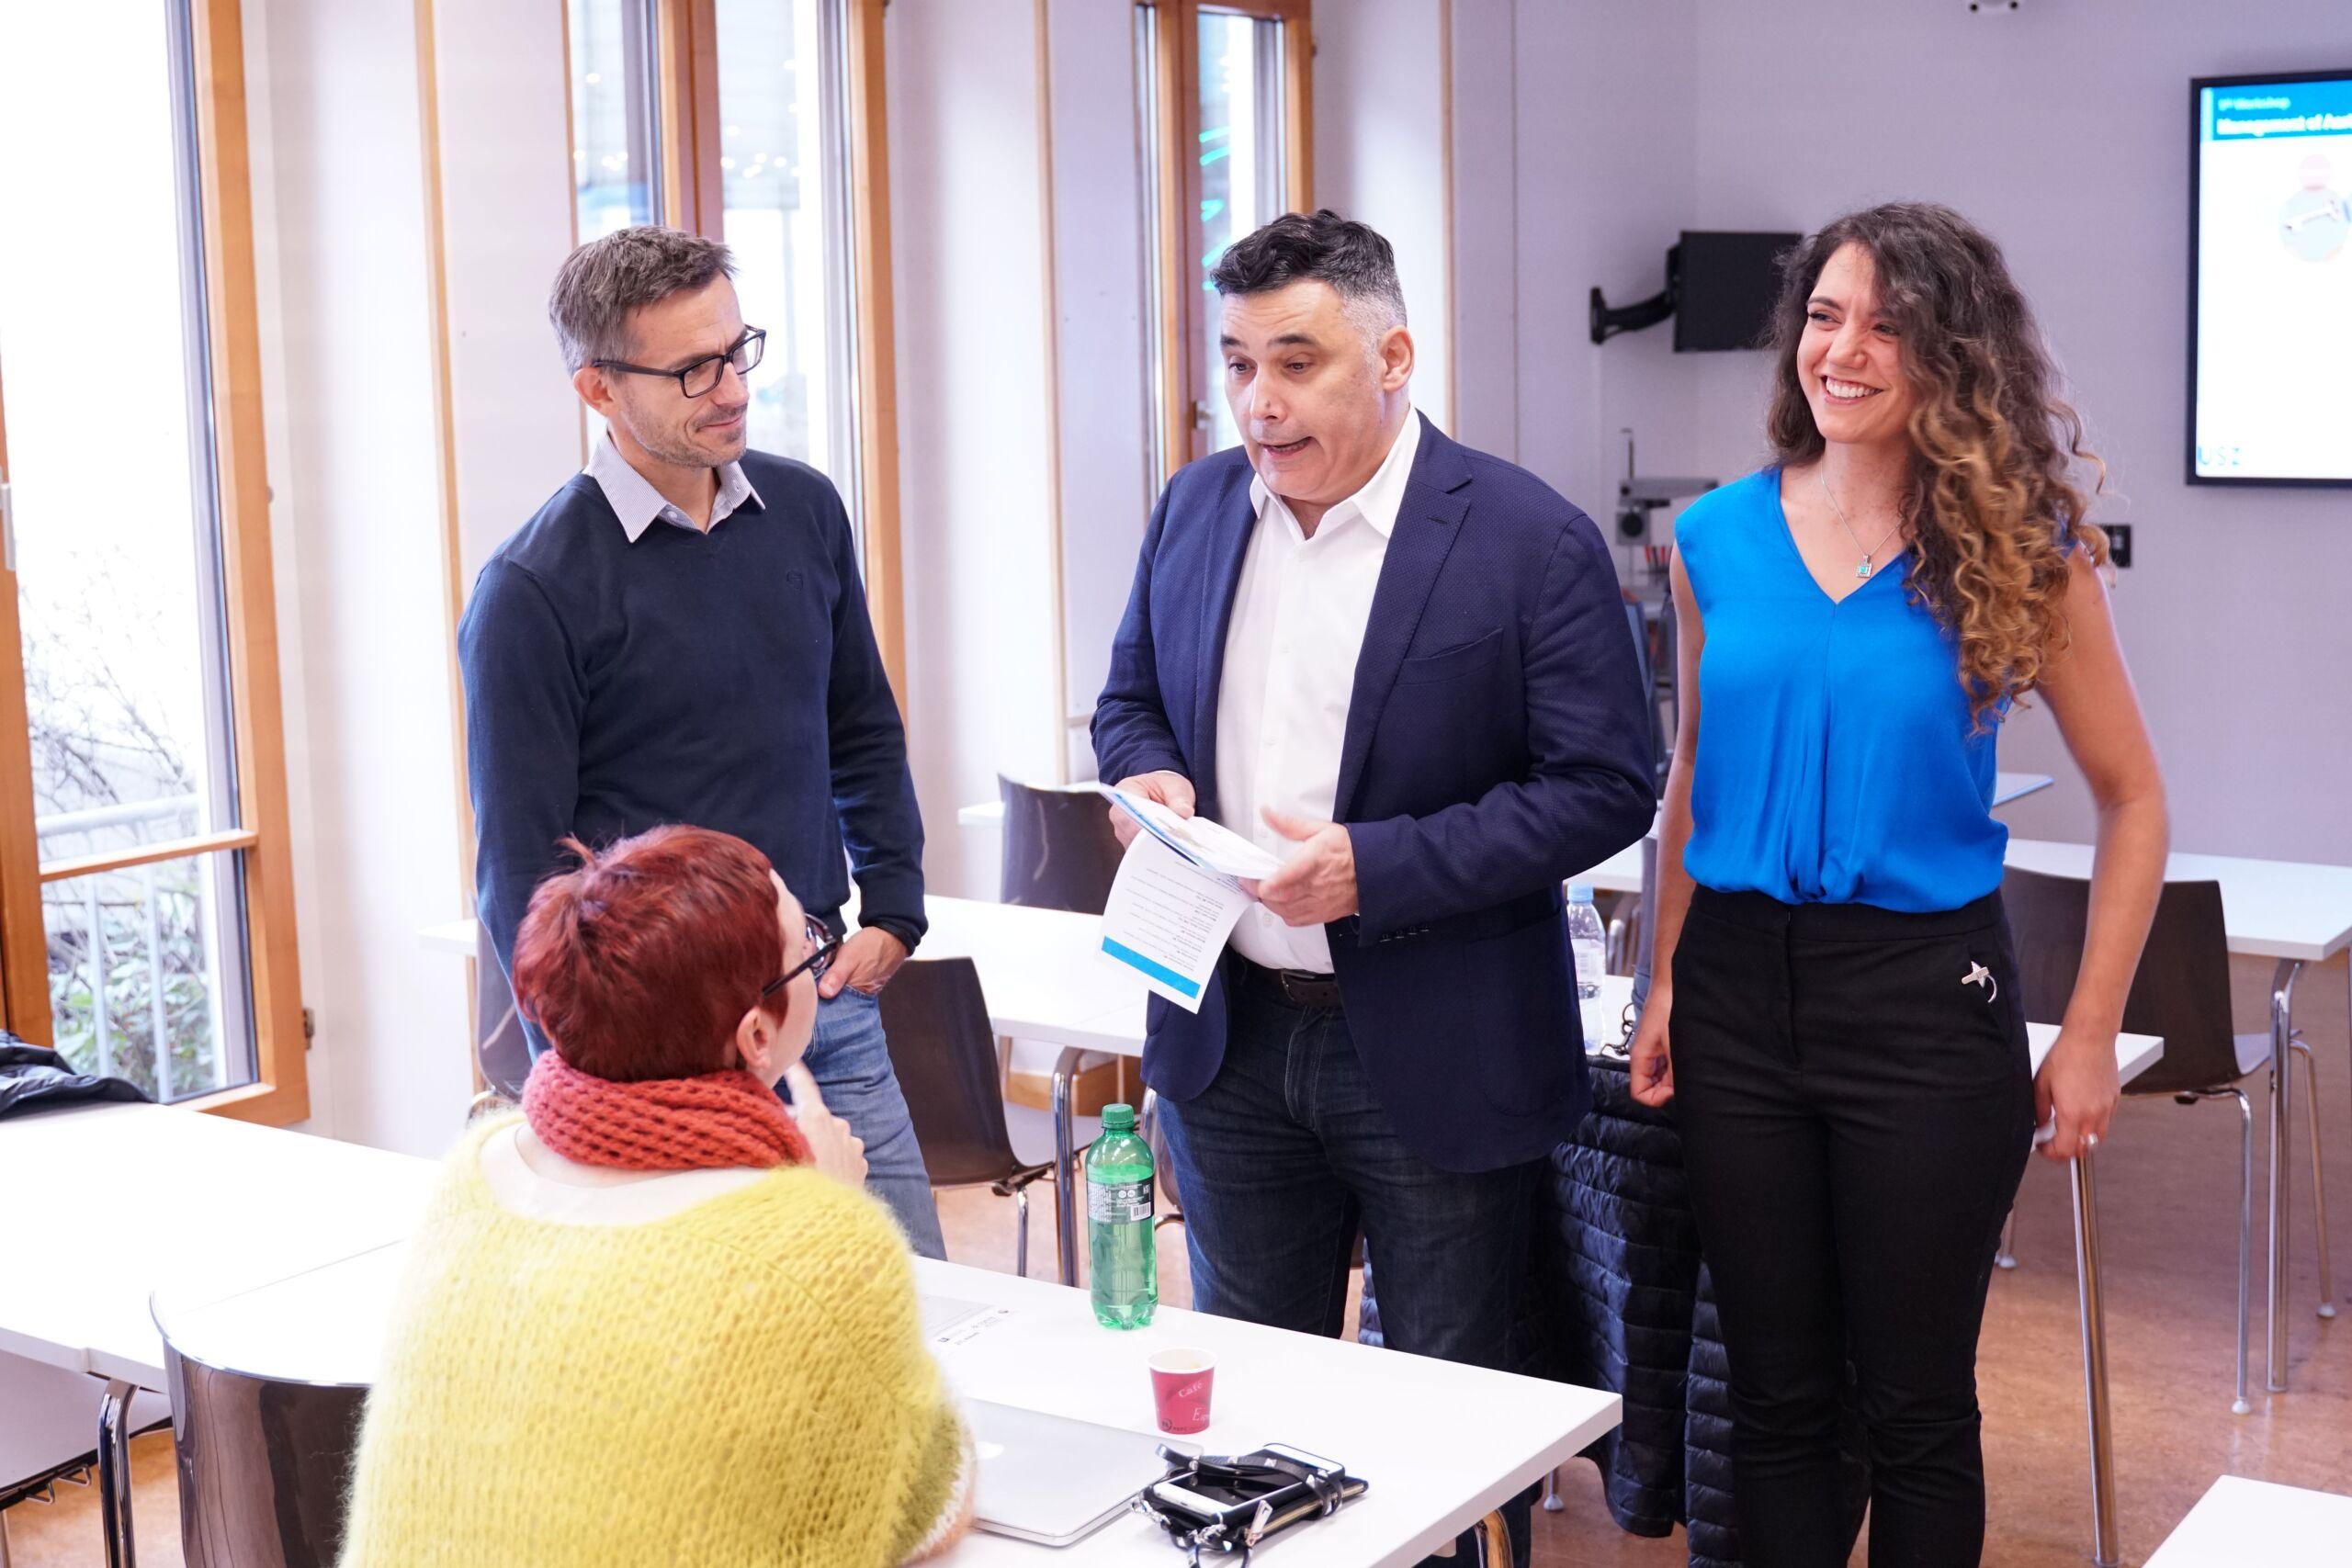 Drei Personen stehen vor einer sitzenden Frau, wobei ein Mann mit ihr redet